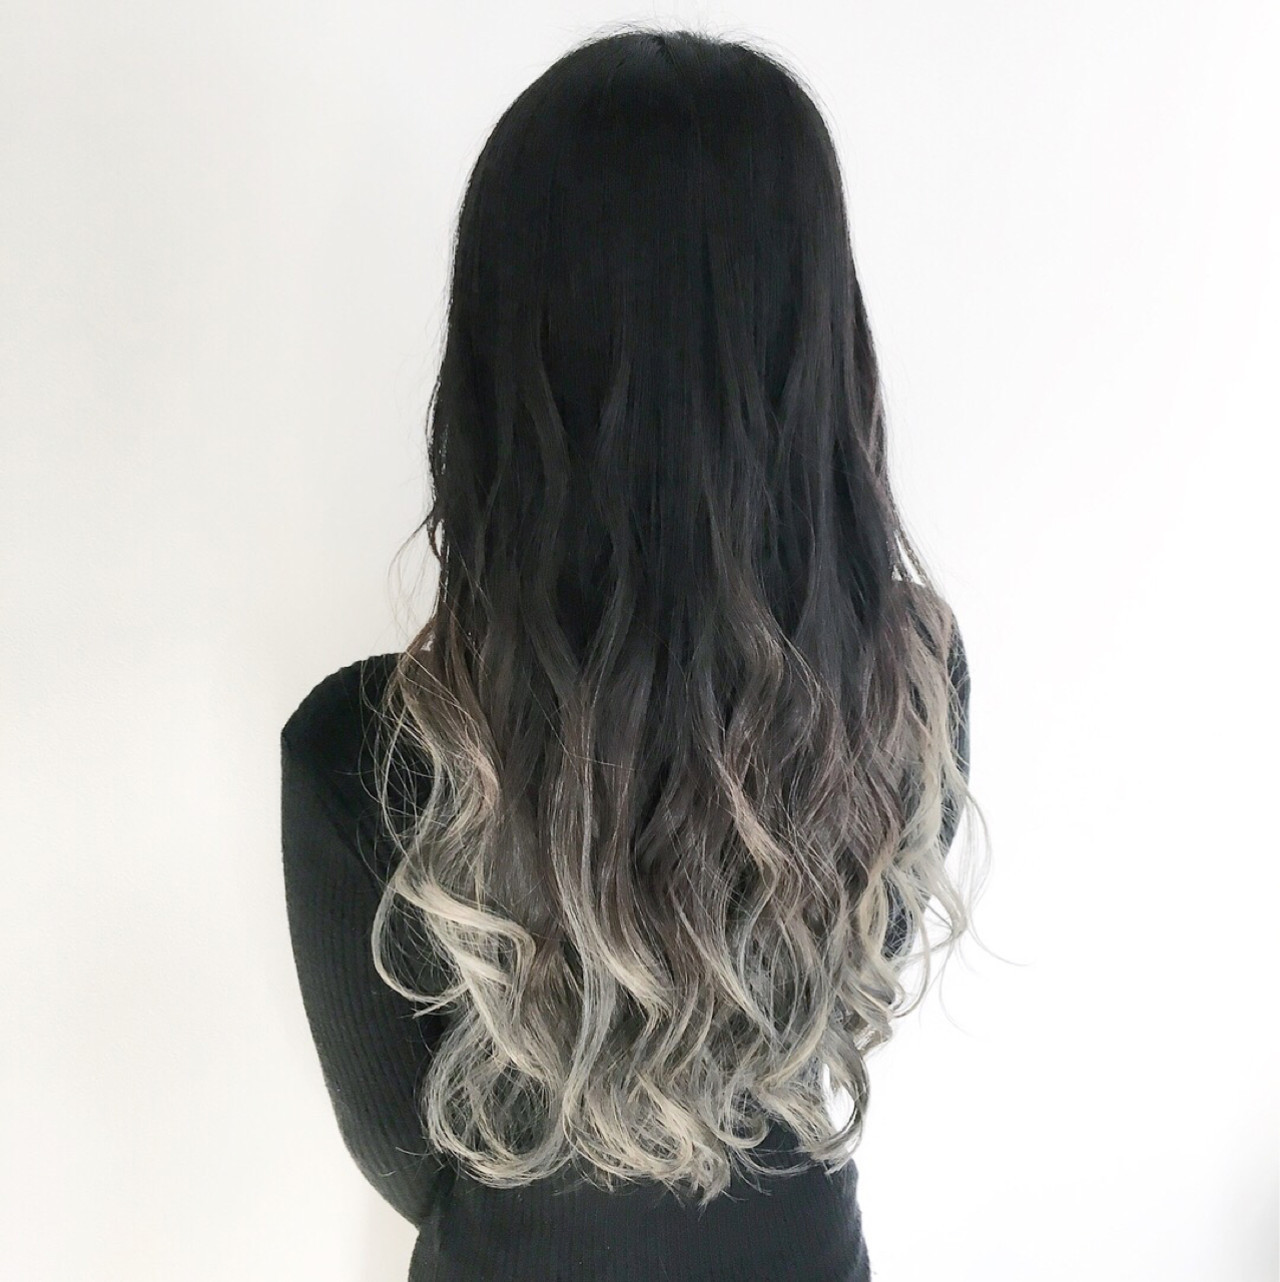 黒髪 ロング エレガント グラデーションカラー ヘアスタイルや髪型の写真・画像